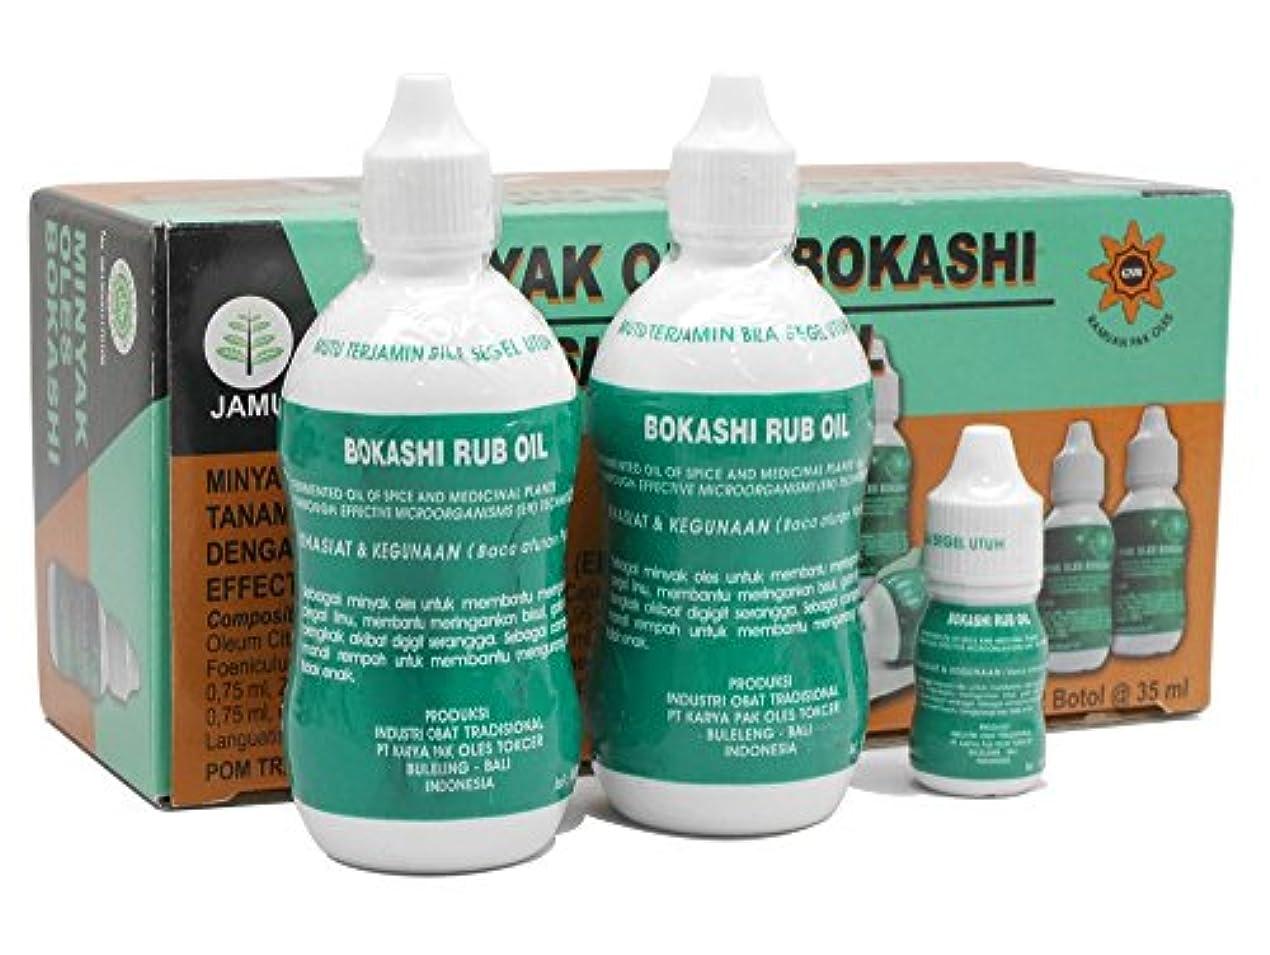 爬虫類シーケンス謙虚なBOKASHI RUB OIL ボカシラブオイル 140ml (2本) 12ml (1本) 日本オリジナルモデル 日本正規代理店